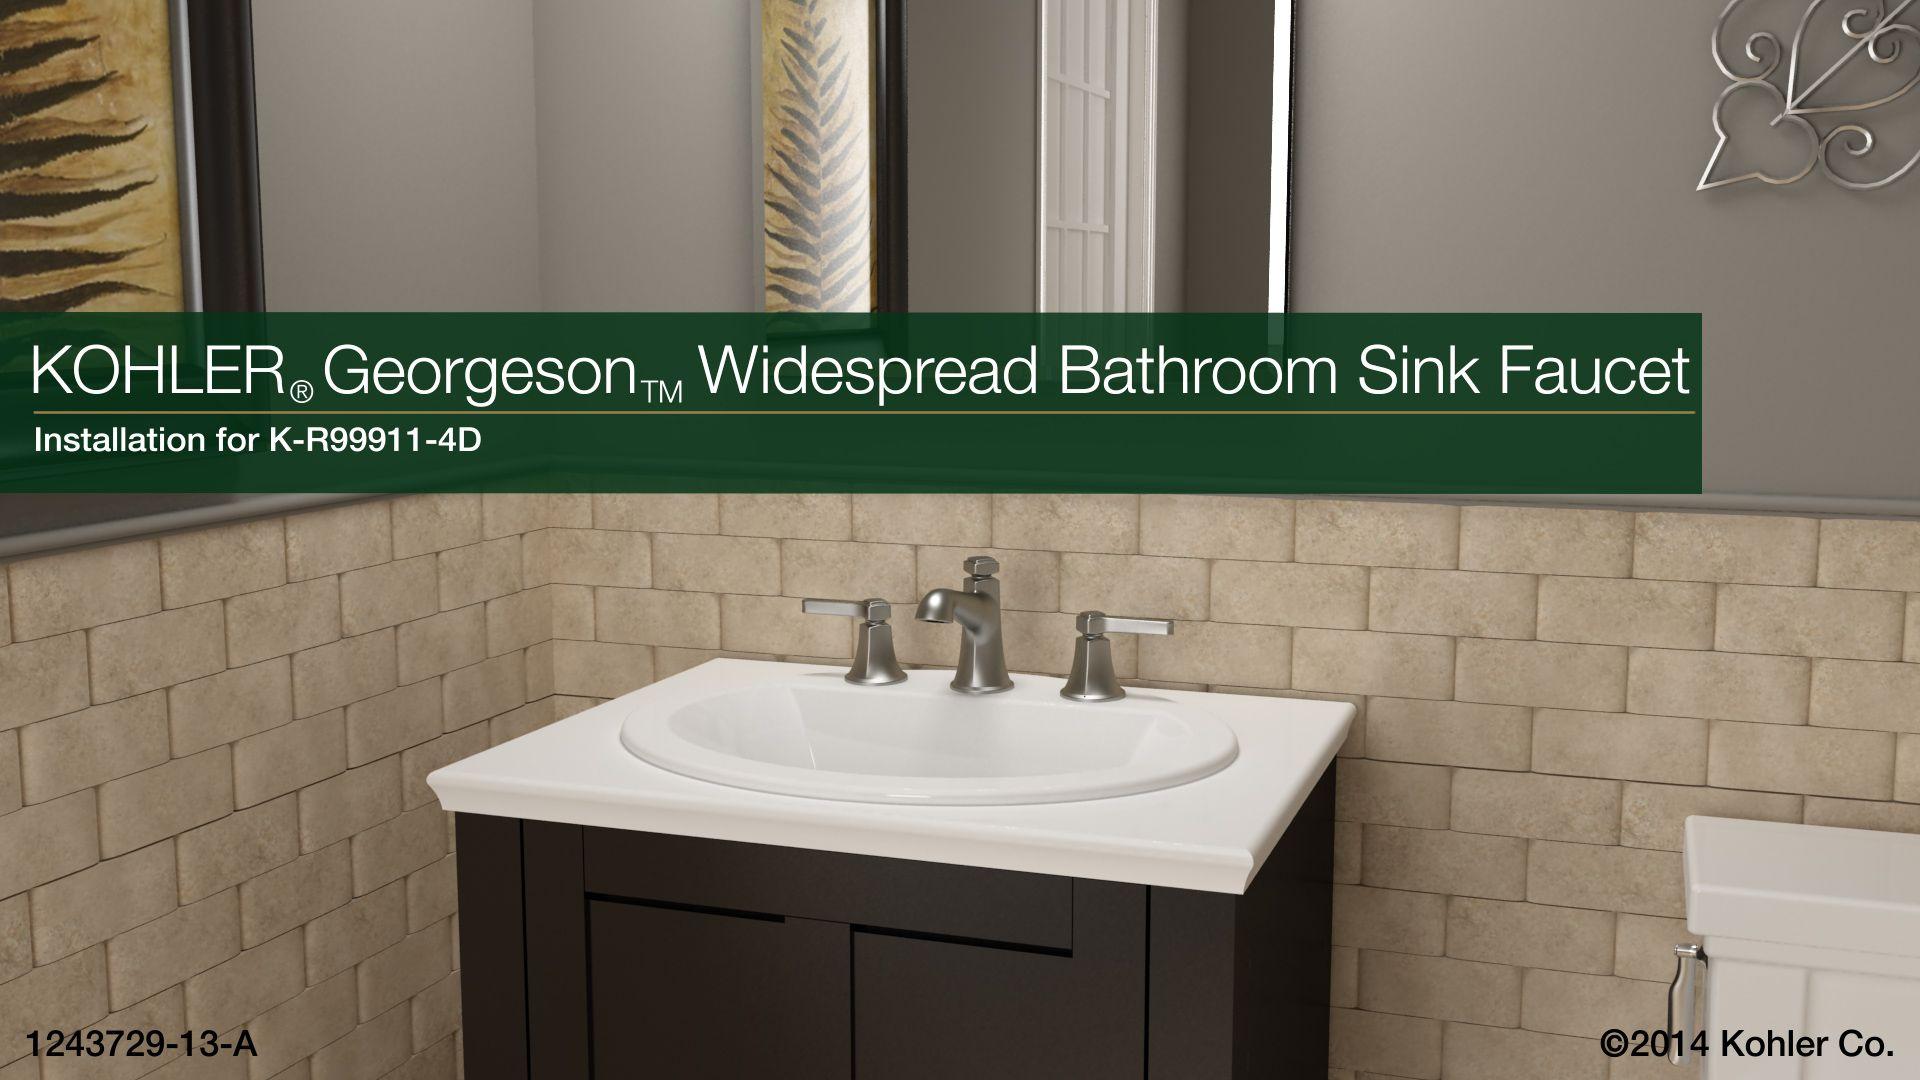 Georgeson Widespread Bathroom Sink Faucet | K-R99911-4D | KOHLER ...